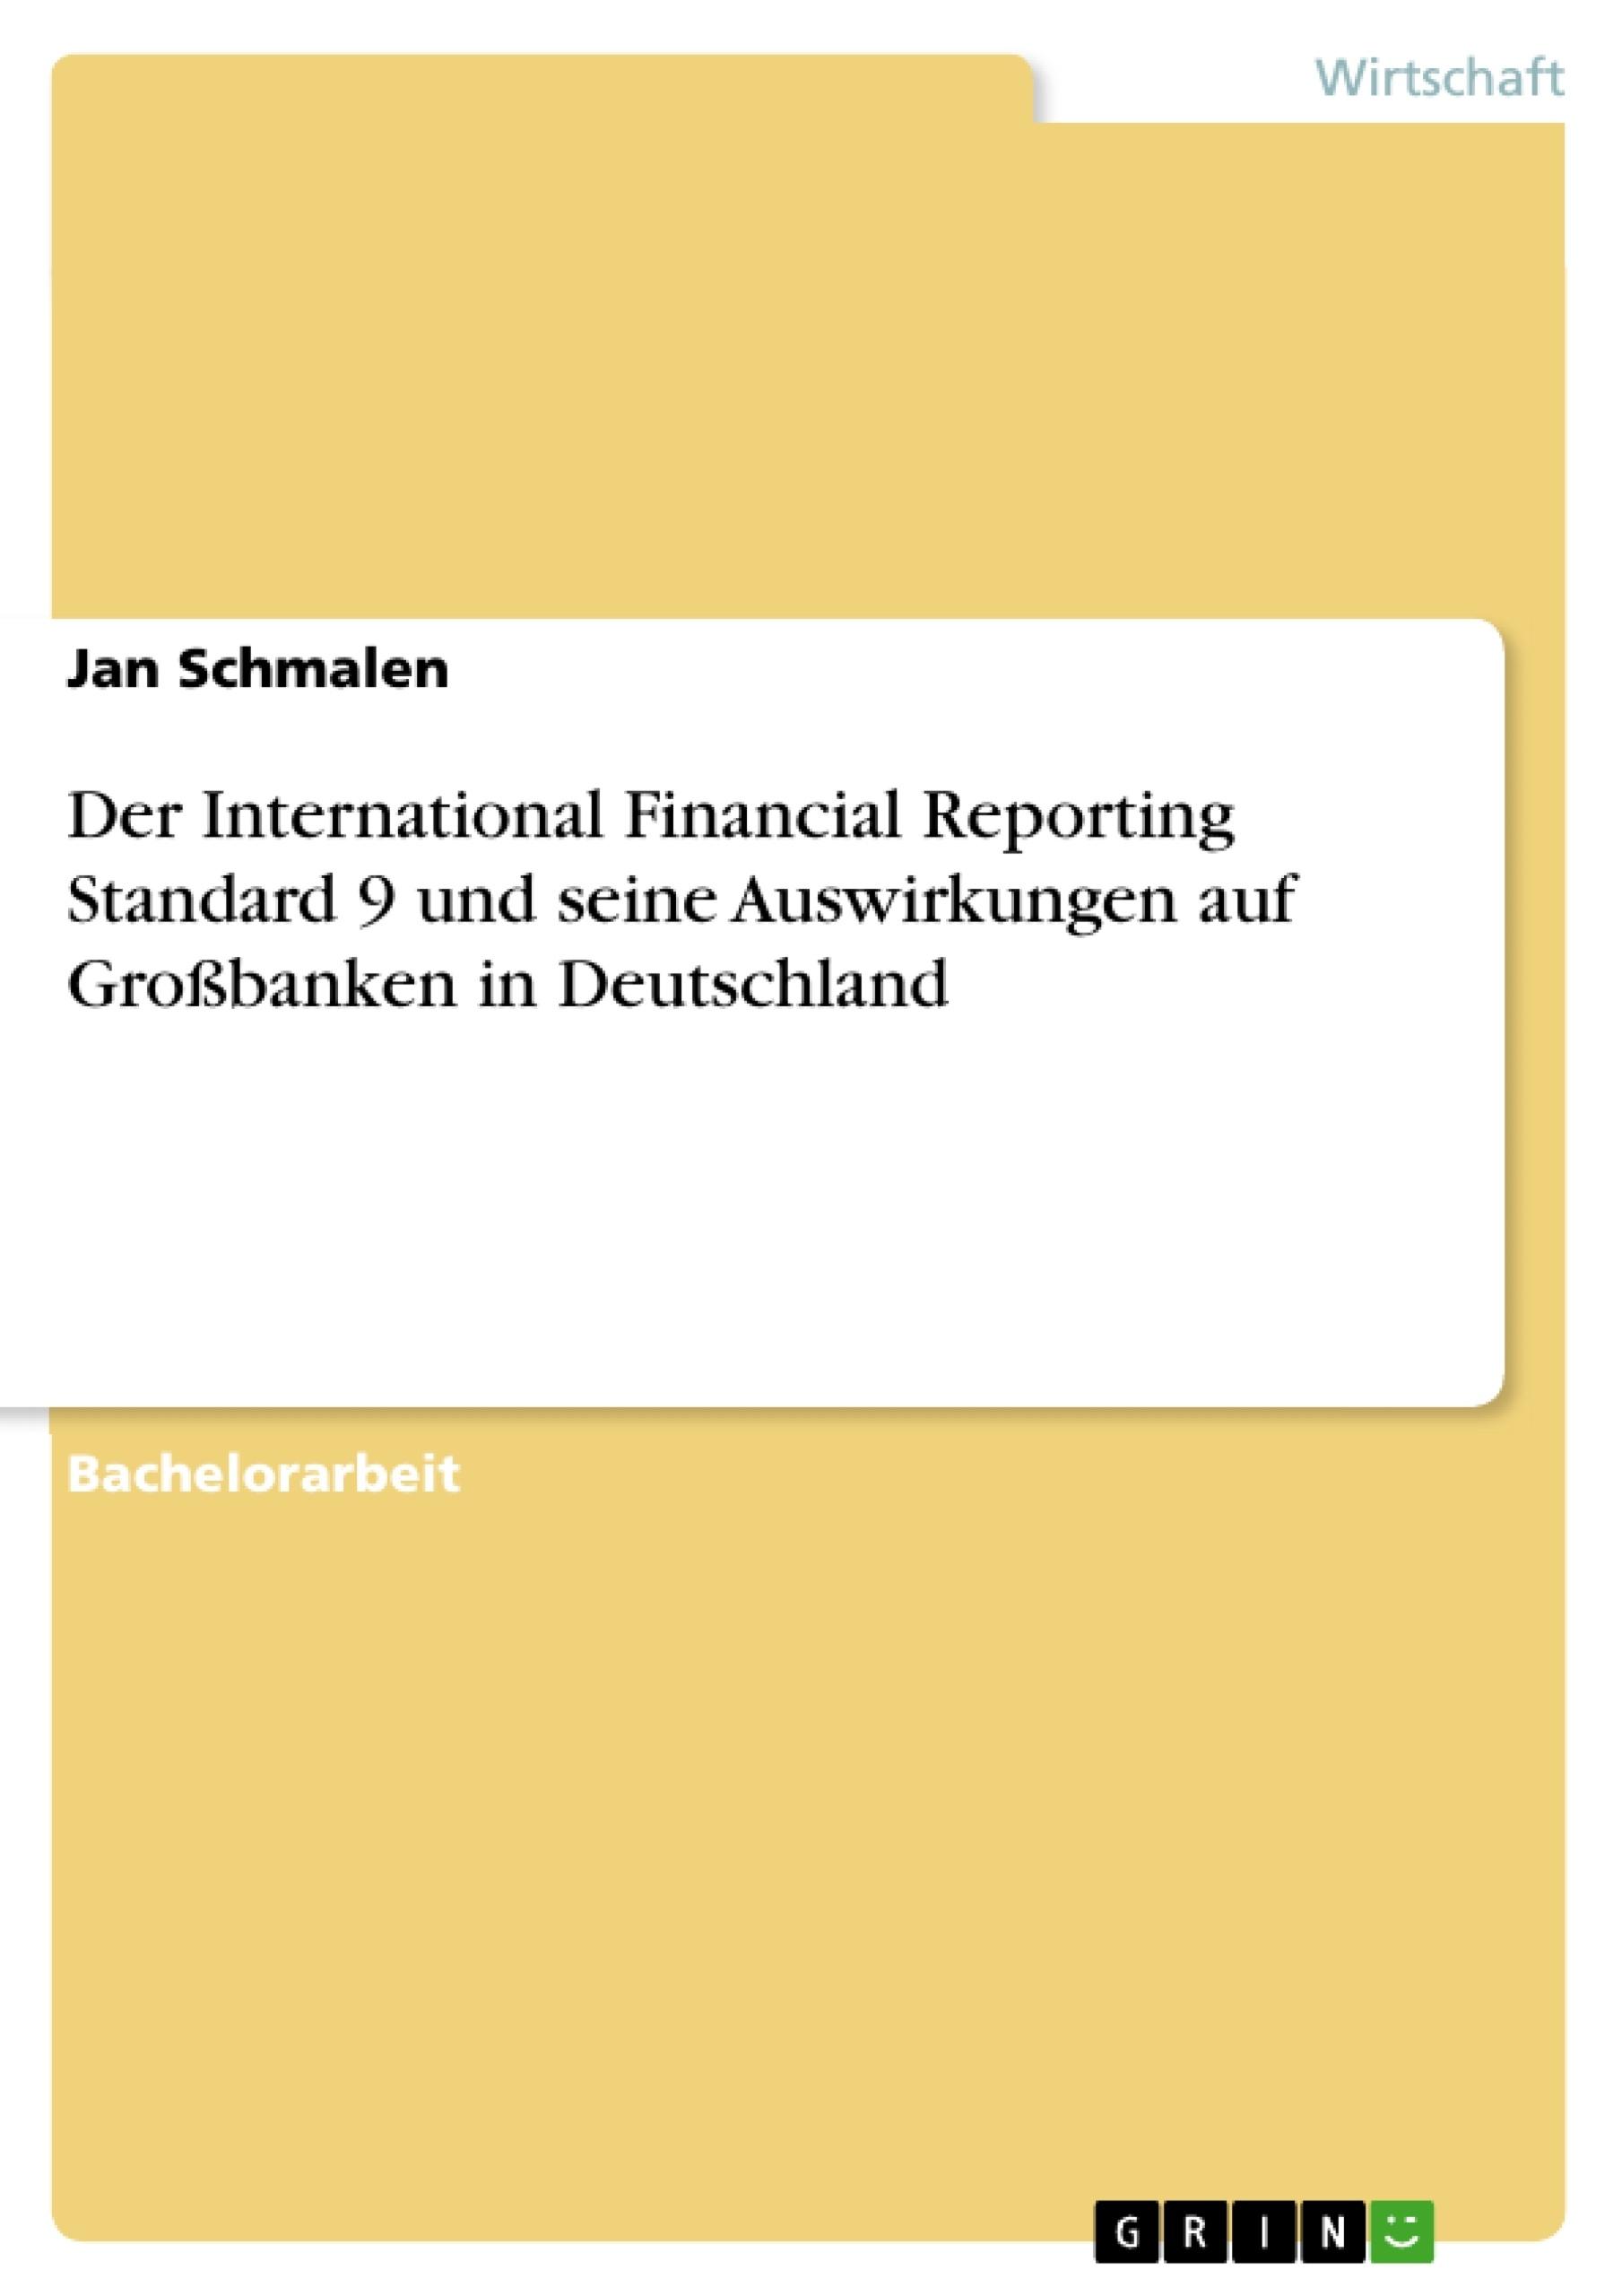 Titel: Der International Financial Reporting Standard 9 und seine Auswirkungen auf Großbanken in Deutschland